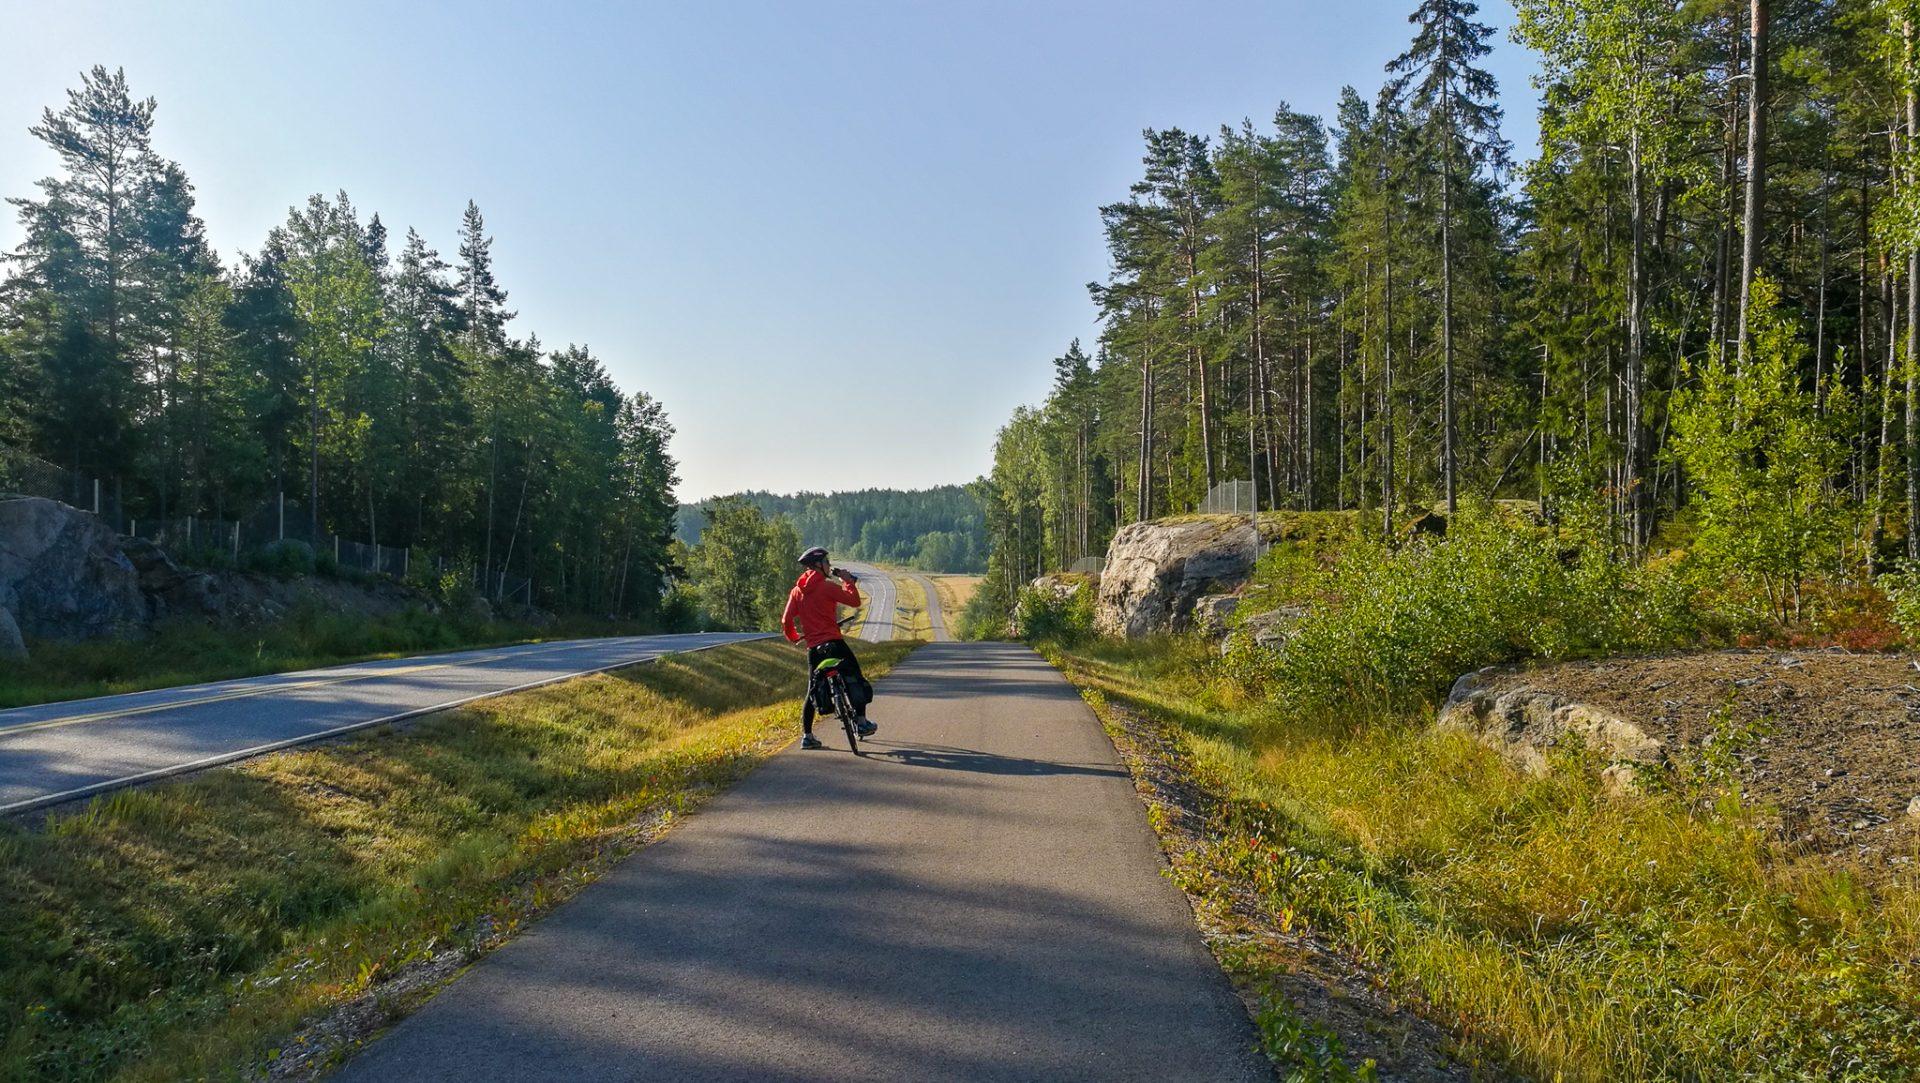 Saariston pieni rengastie pyöräillen